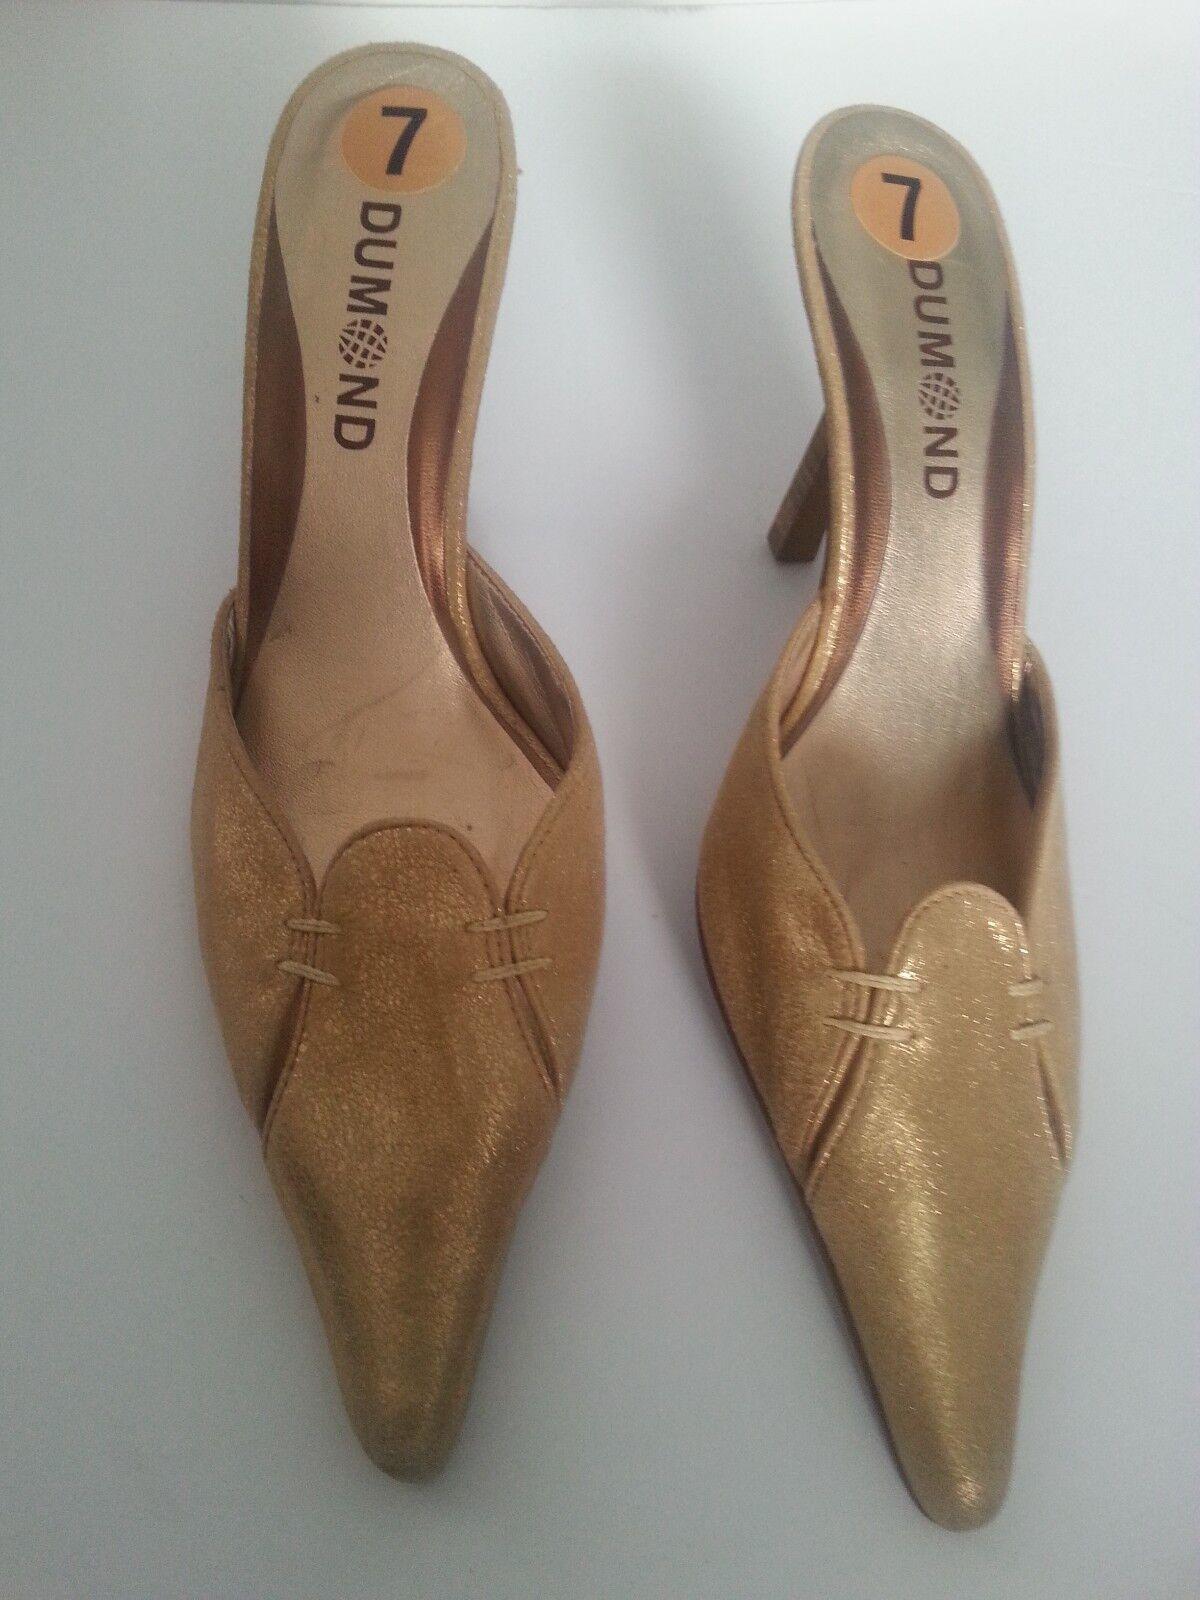 Dumond Mujeres oro Tacón Gatito tamaño 7 Zapatos Zapatos Zapatos Slip On Ajuste Estrecho Nuevo Sin Caja  autorización oficial